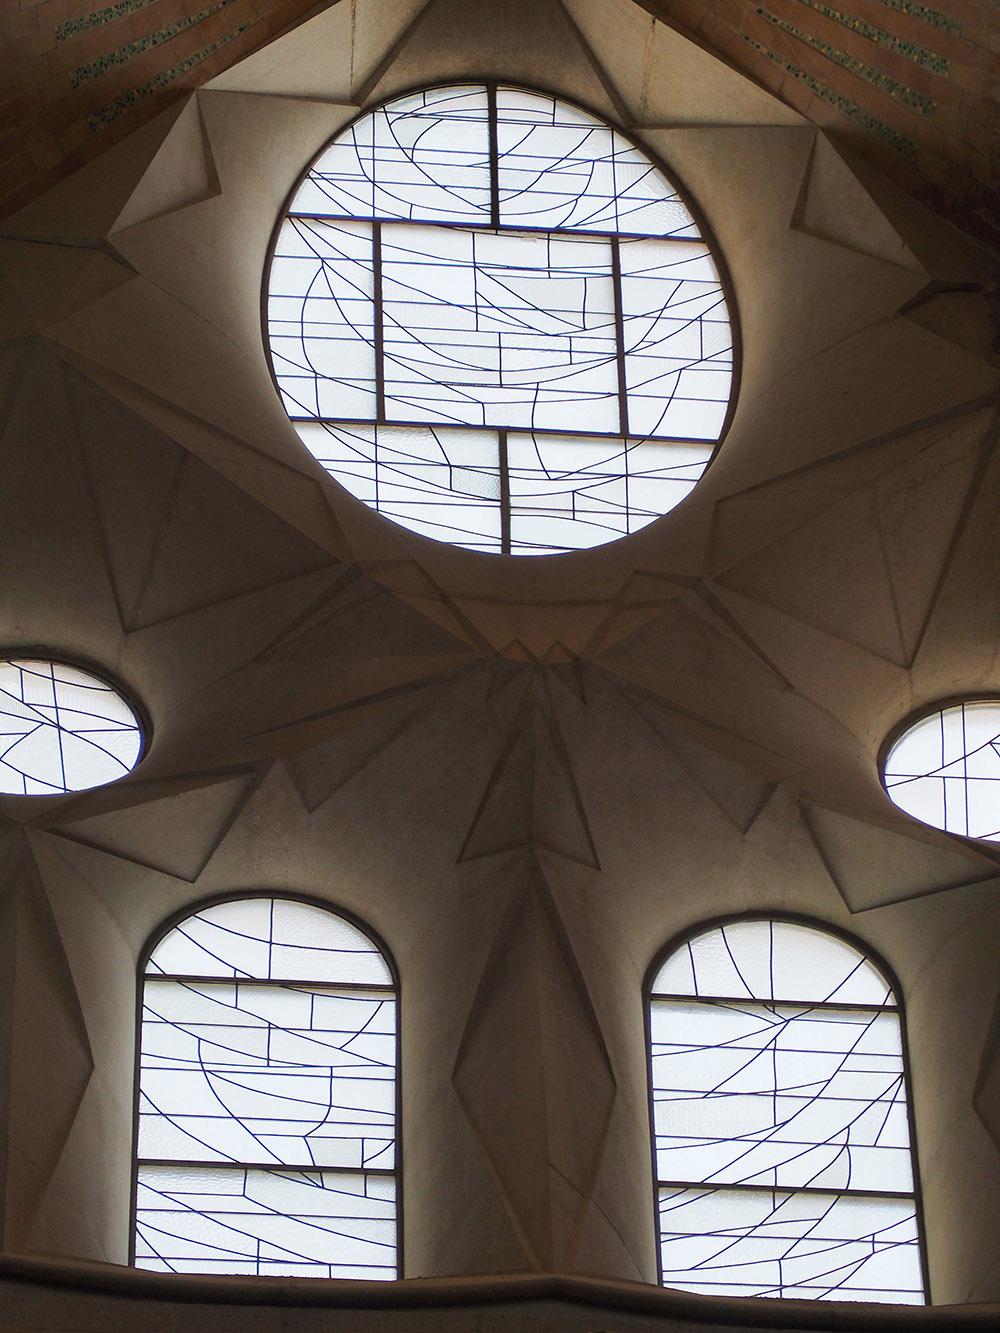 Vitrales transparentes de la Sagrada Familia